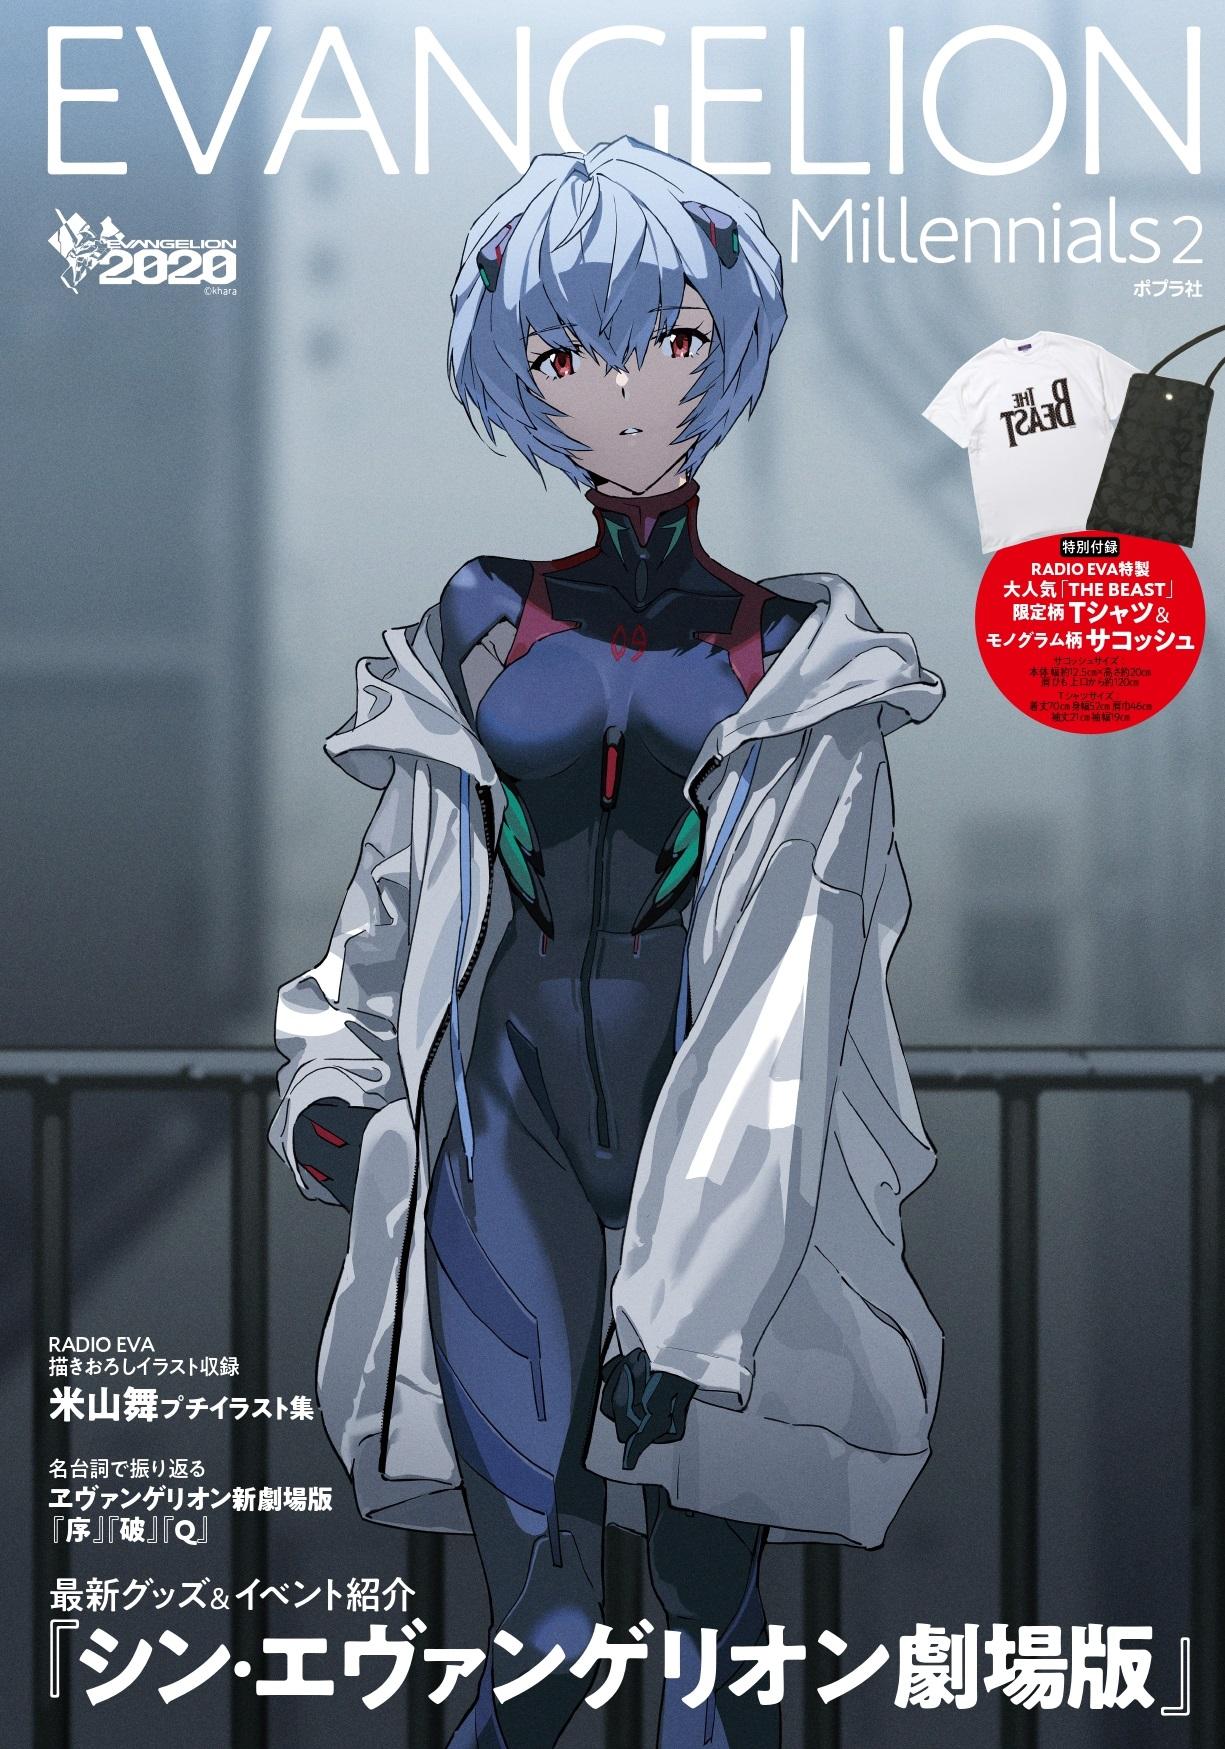 『エヴァ』オフィシャルBOOK第2弾「Millennials2」発売決定!付録はオリジナルTシャツ&サコッシュ